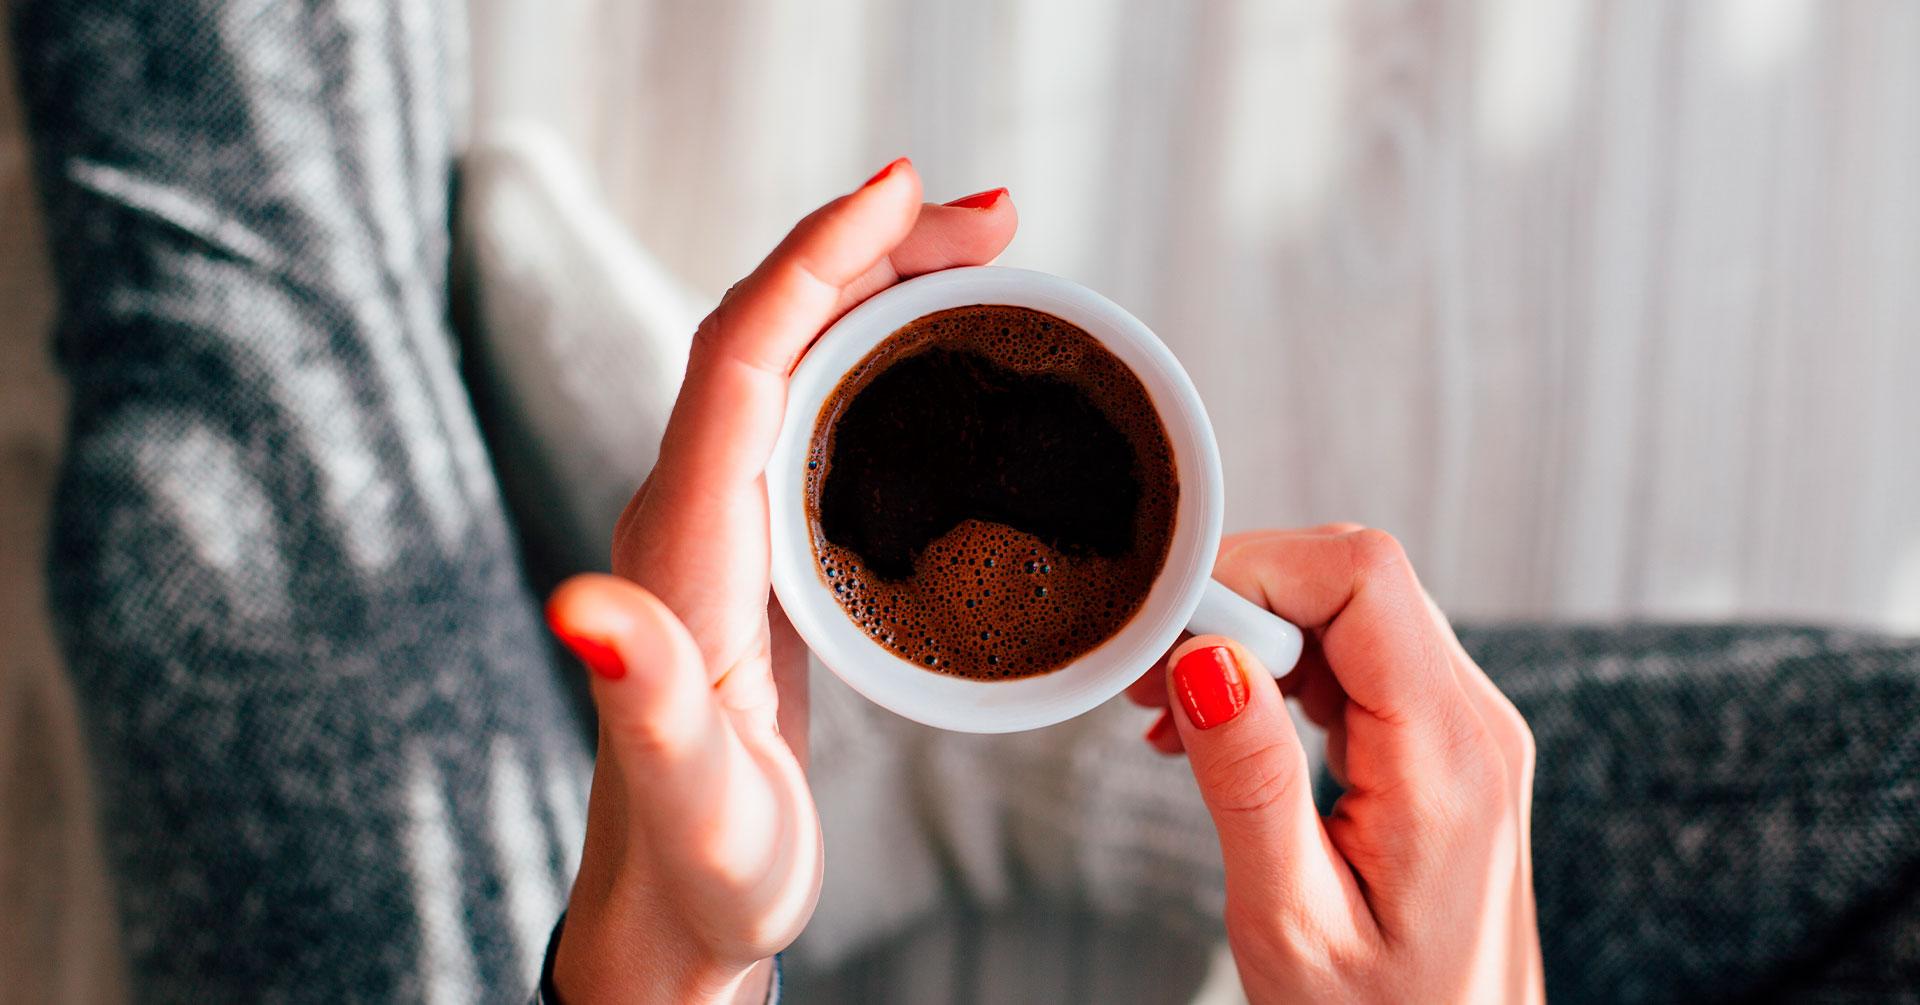 Los asombrosos beneficios del café que debes conocer